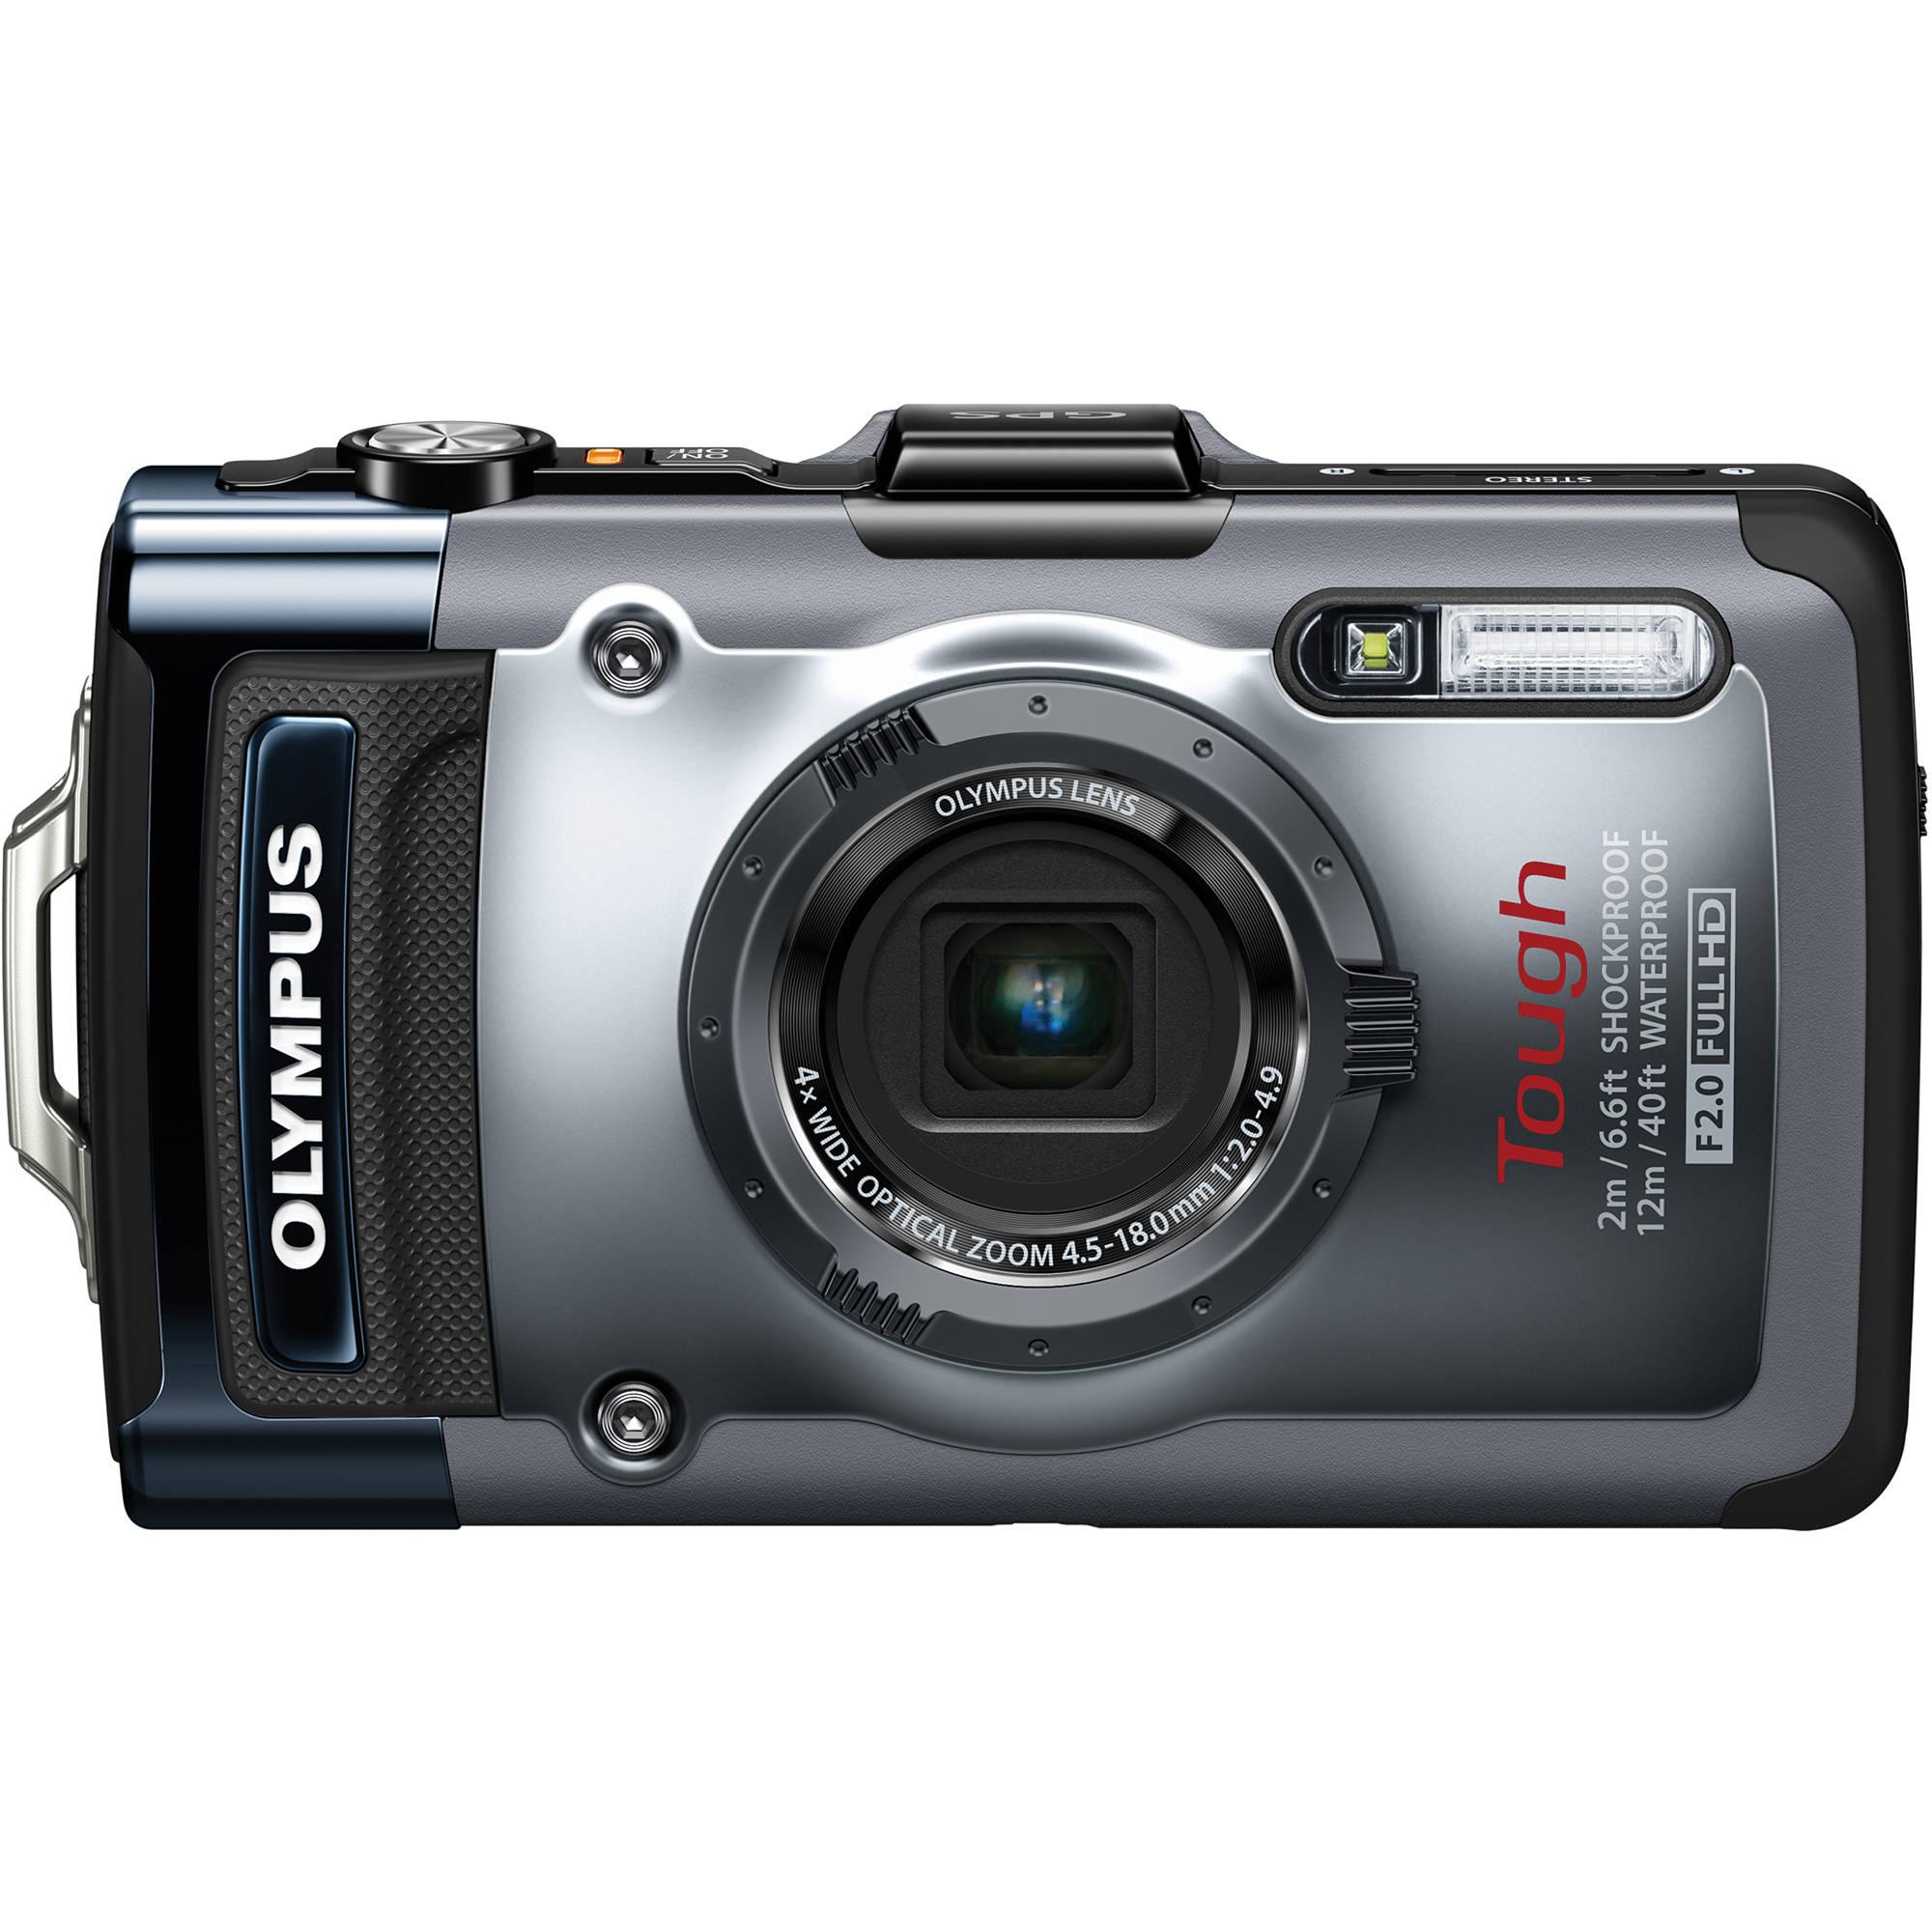 Olympus Tough Tg 1 Ihs Digital Camera